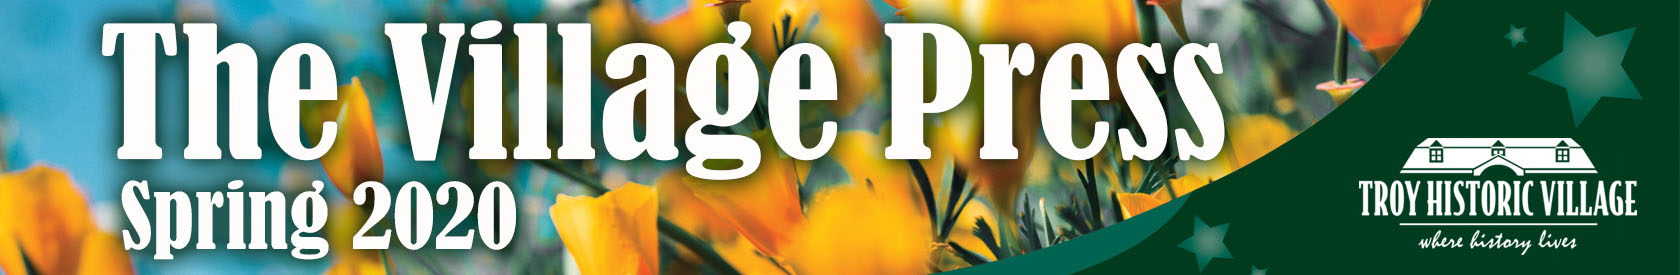 Village Press Newsletter